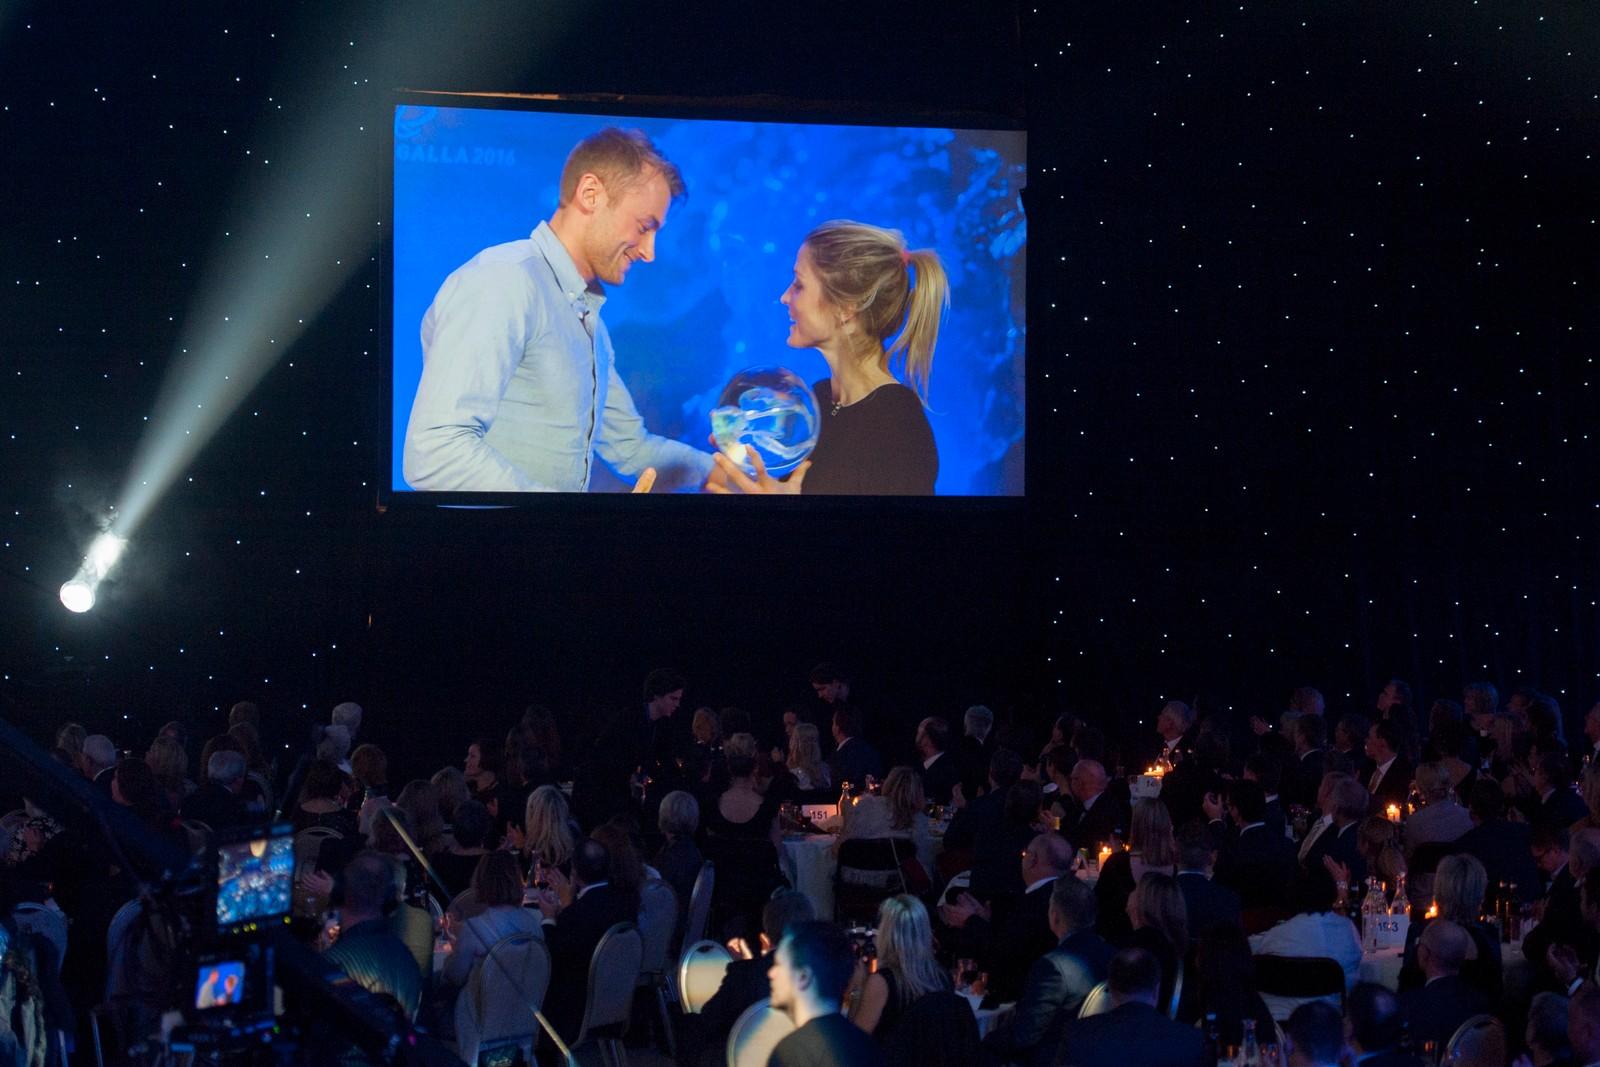 Langrennsløper Therese Johaug mottok prisen for «Årets kvinnelige utøver» fra prisutdeler Petter Northug på storskjerm fra Val Di Fiemme.